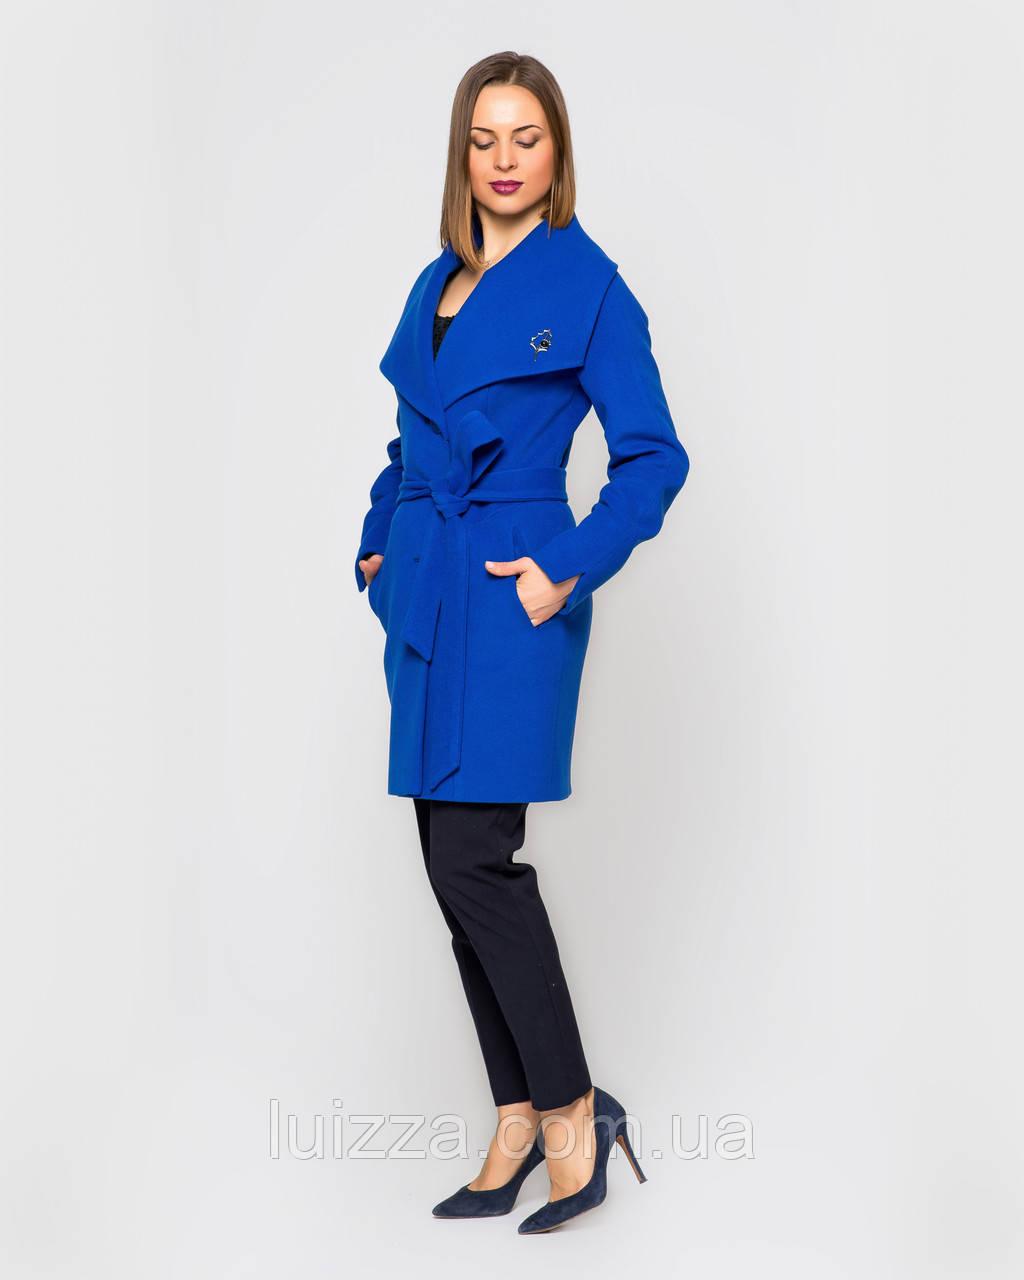 Женское пальто Леди, на пояске 42 -52 рр электрик 44